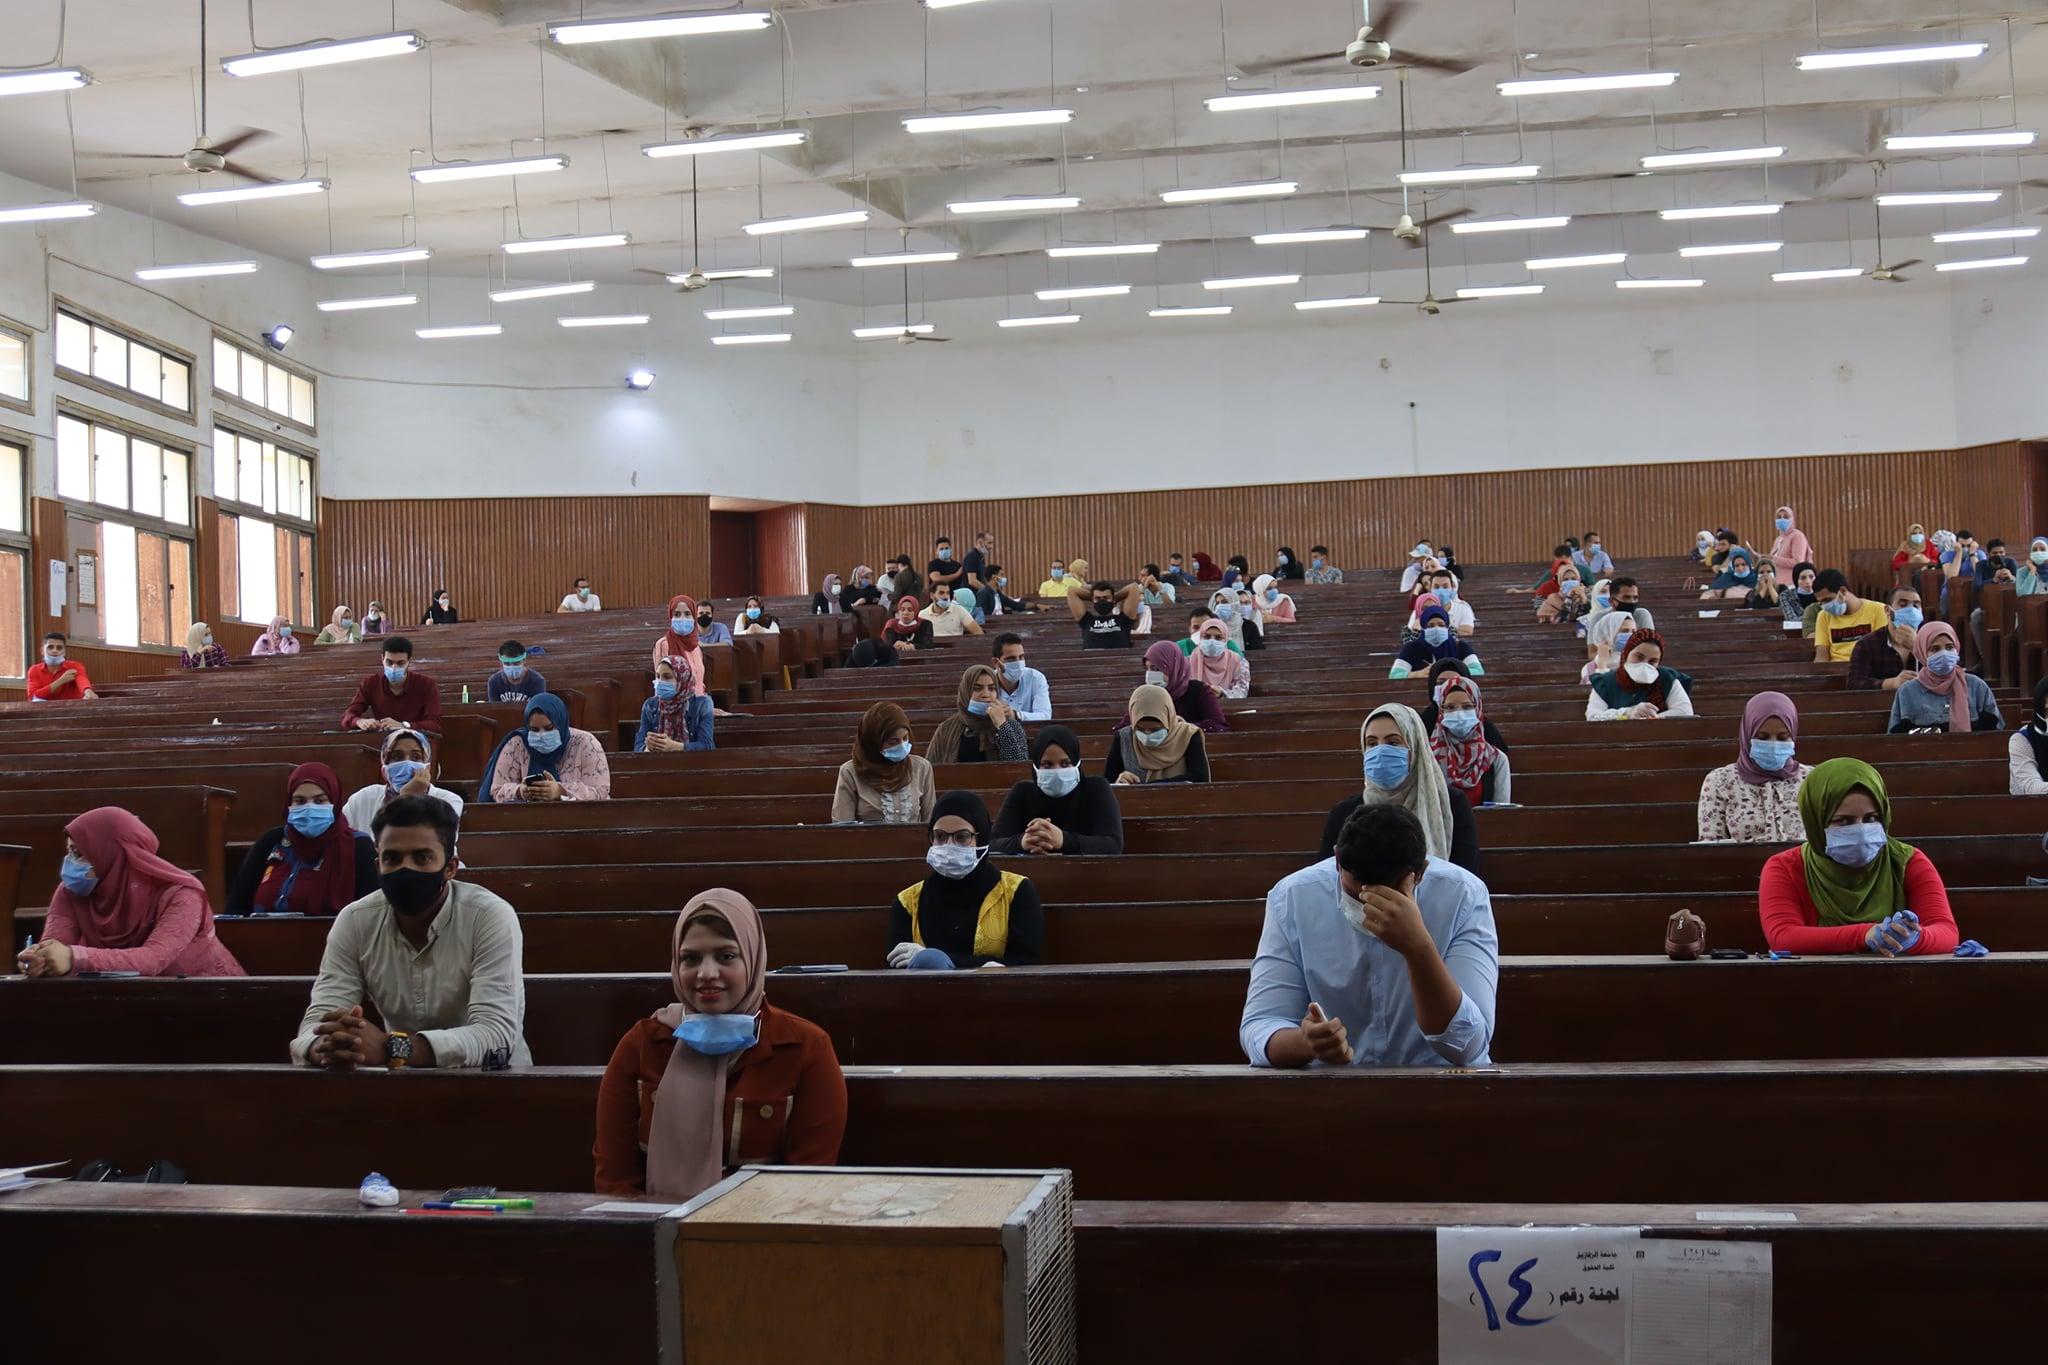 بدء أعمال أمتحانات الفرق النهائية بكلية التكنولوجيا والتنمية جامعة الزقازيق